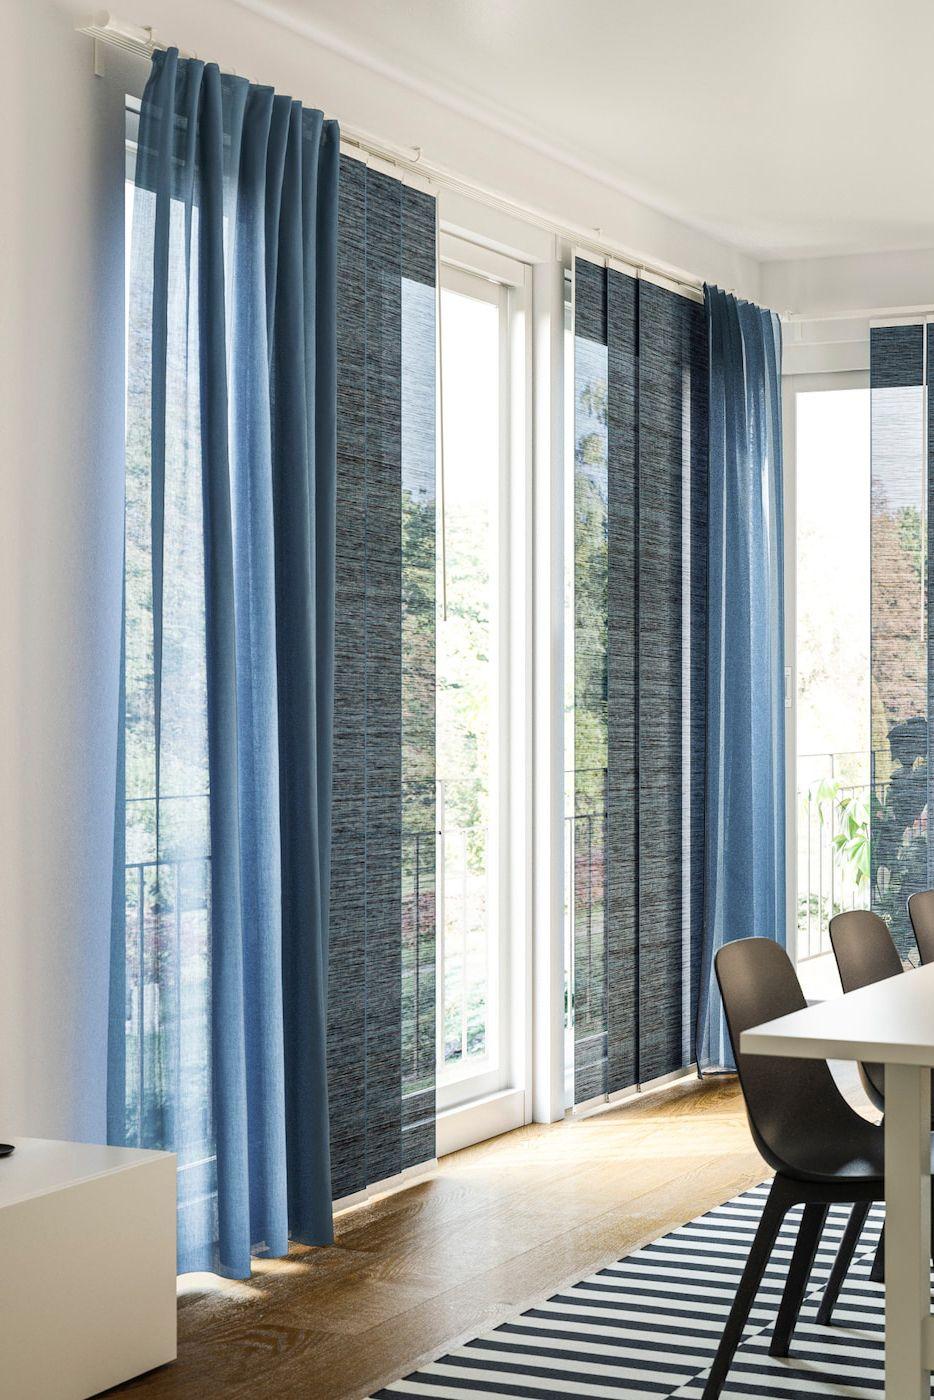 Sanftes Licht Im Esszimmer Mit Bodenlangen Vorhangen In 2020 Sanftes Licht Vorhange Haus